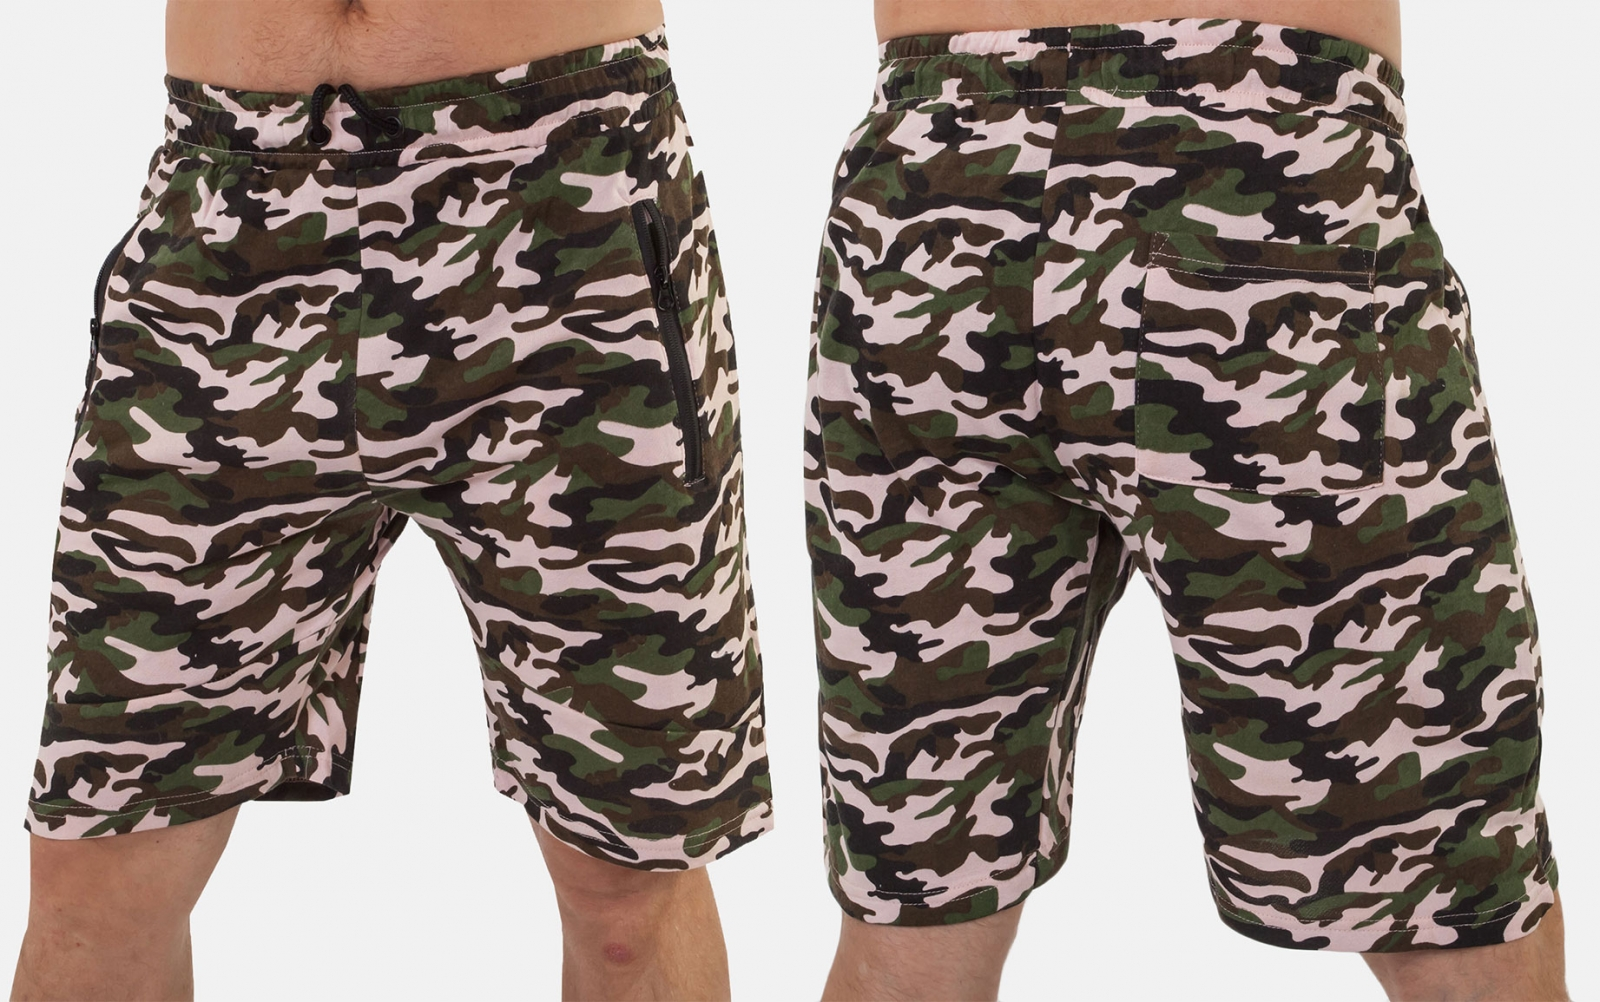 Обновляйся! Смелые мужские шорты камуфляж New York Athletics